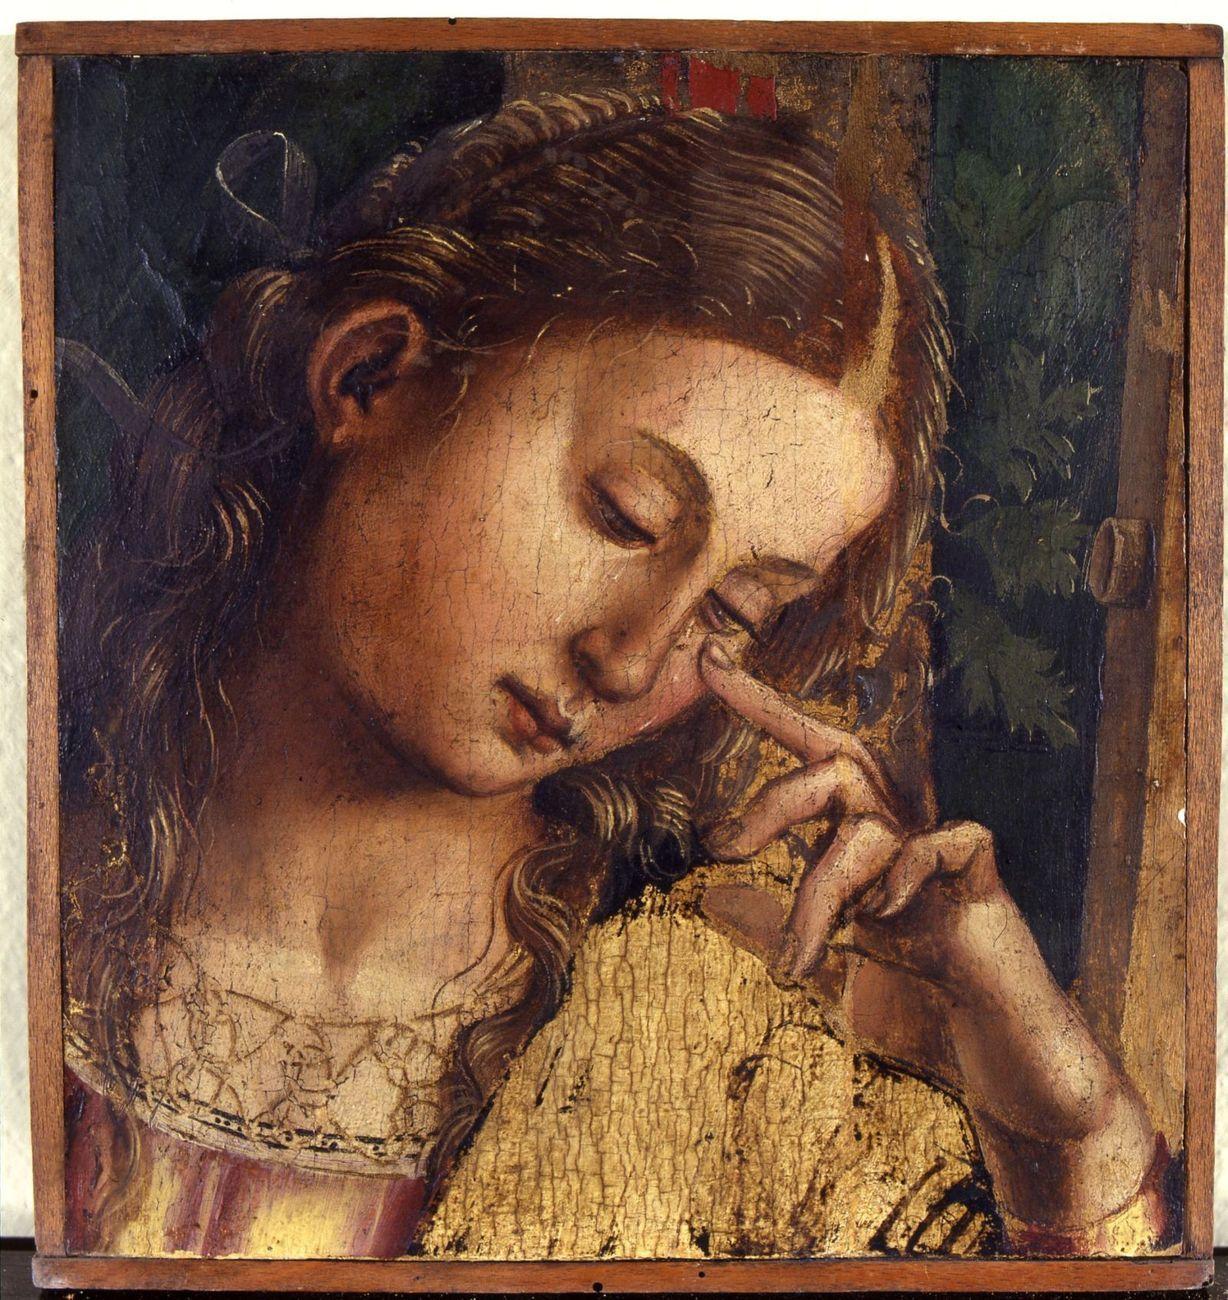 Luca Signorelli, Pia donna in pianto, 1504-1505, olio su tavola, frammento del Compianto sul Cristo, già nella Chiesa di Sant'Agostino a Matelica, (pala Matelica), olio su tavola, Bologna, Collezioni Comunali